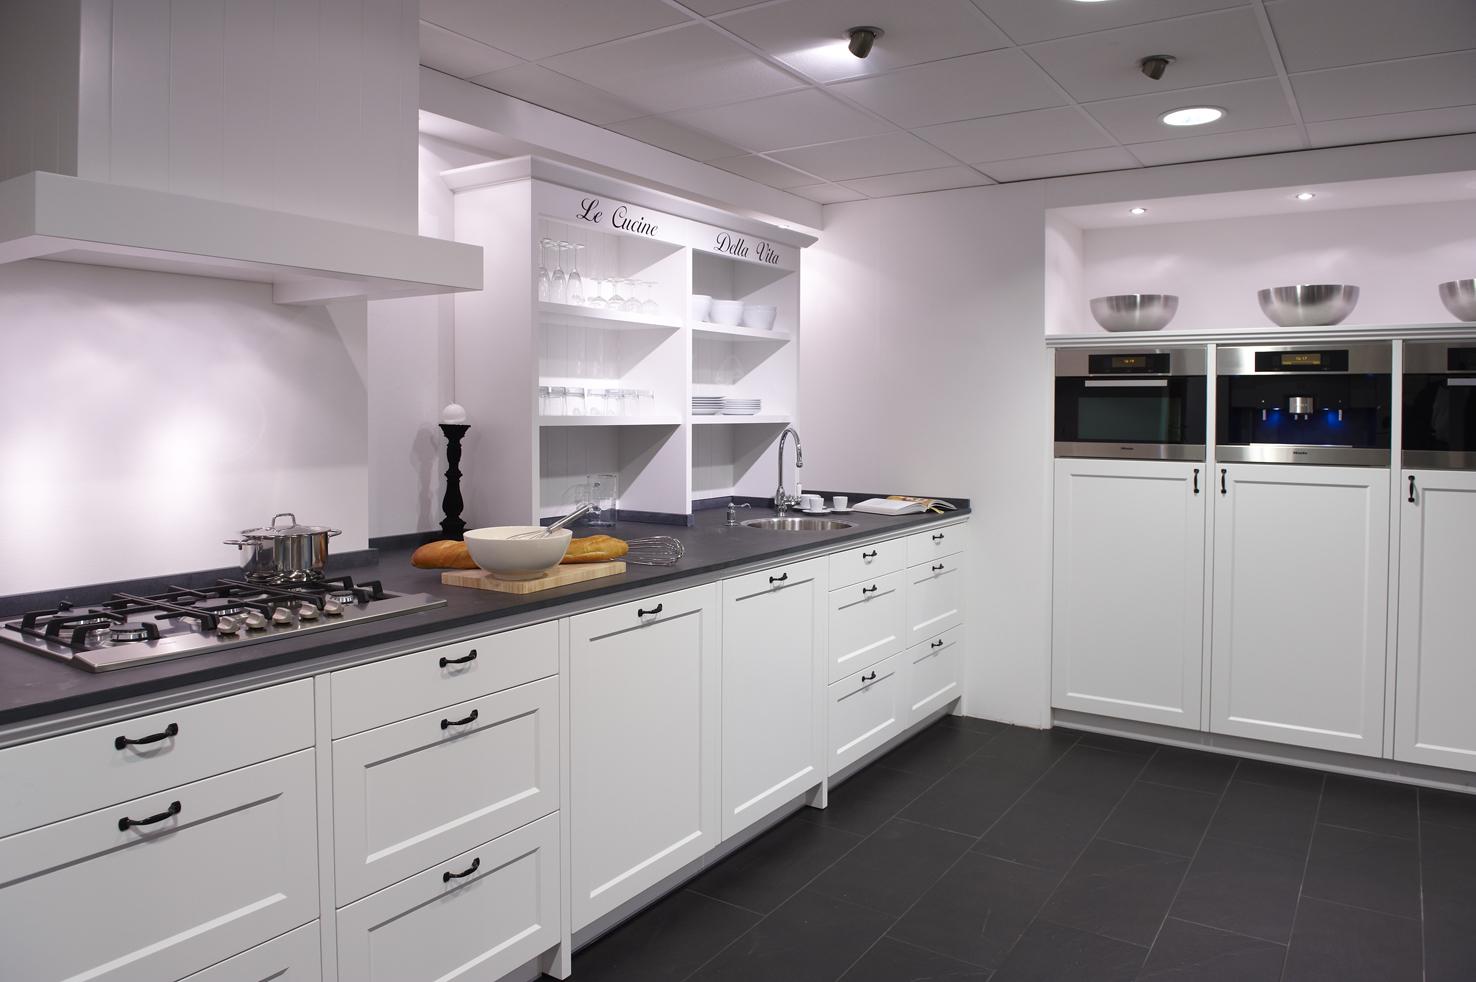 Keuken Ikea Ontwerpen – Atumre.com